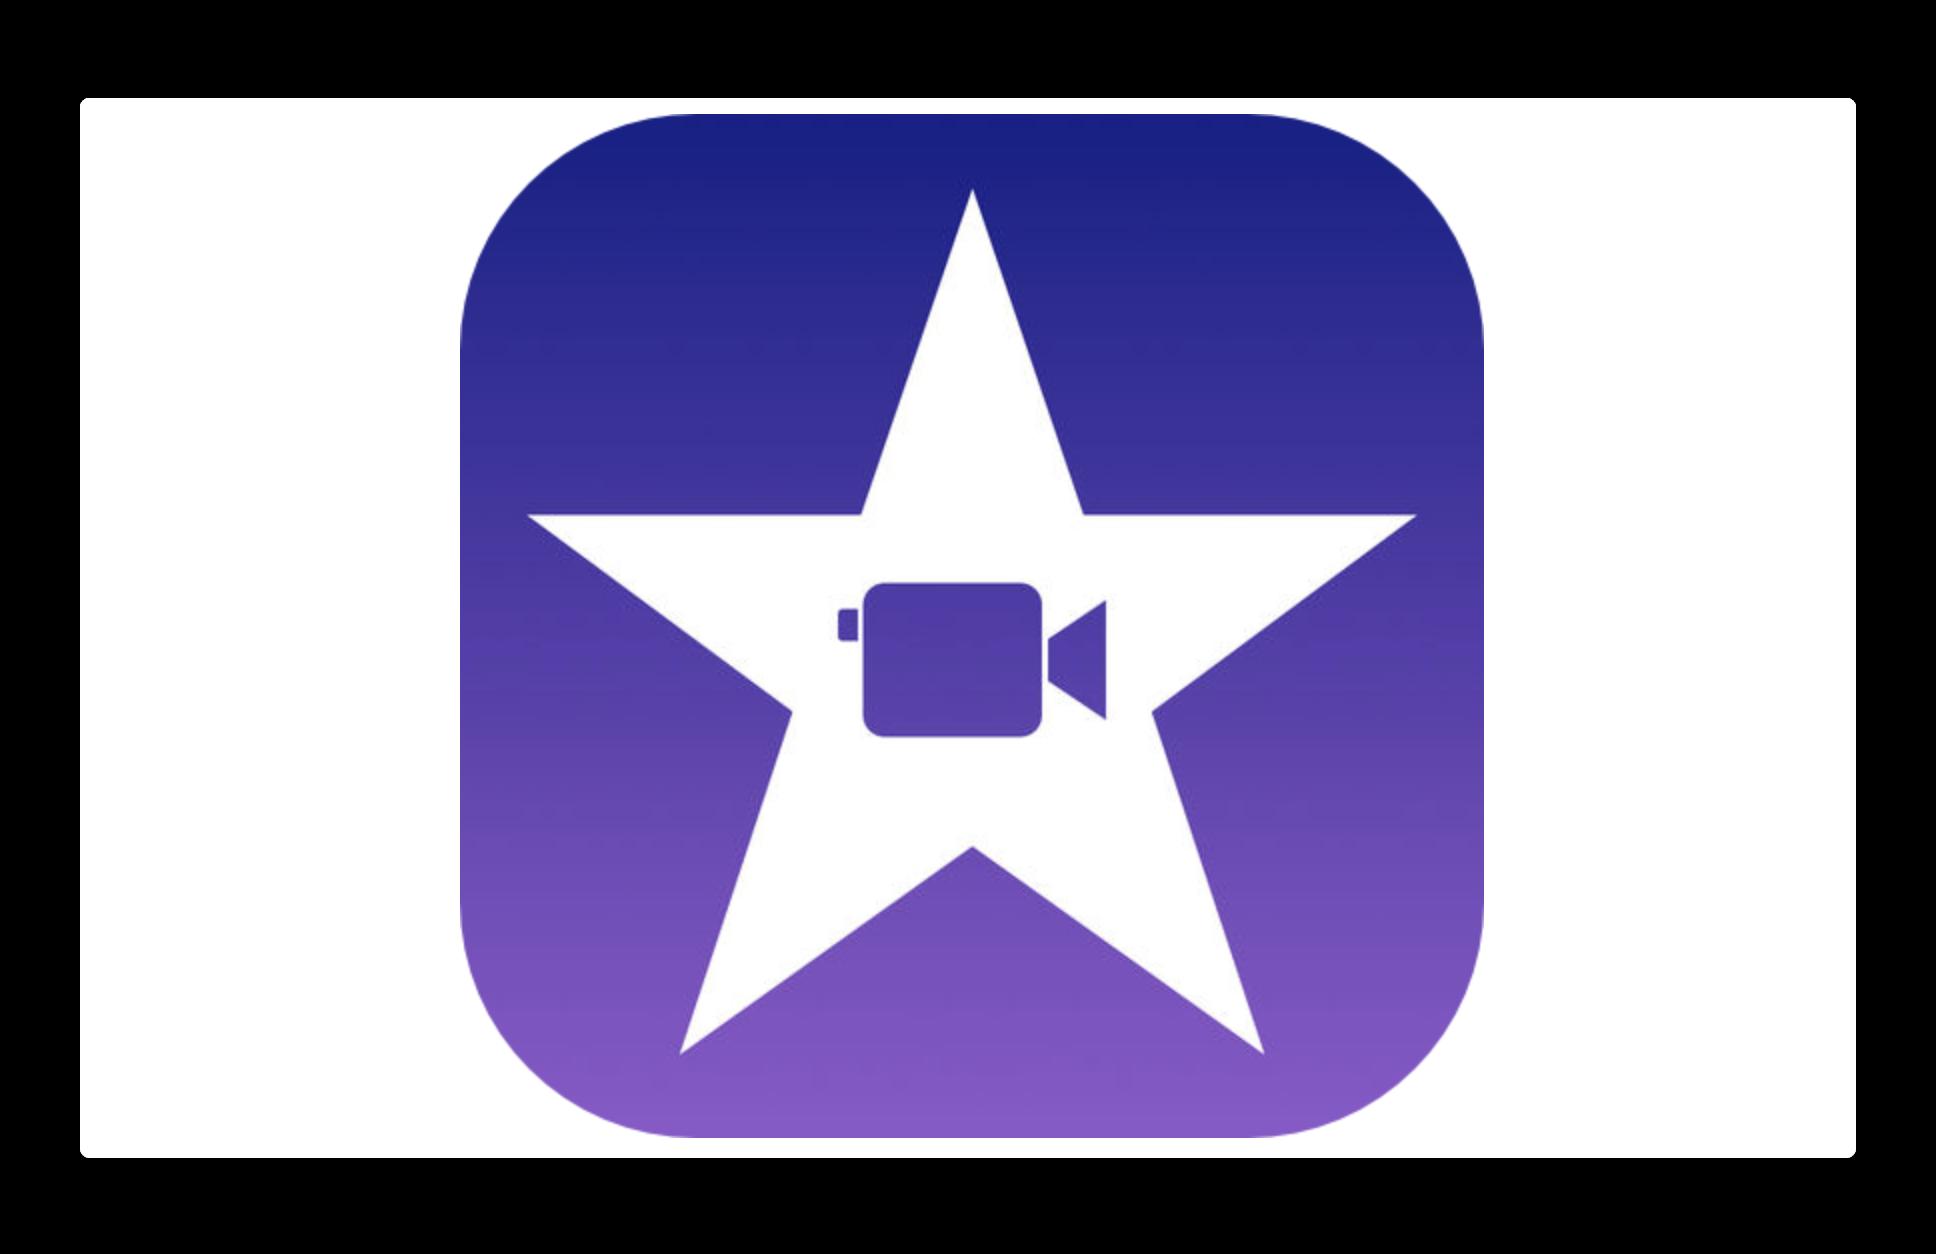 Apple、グリーン・スクリーン・エフェクトなどの新機能の「iMovie for iOS 2.2.7」をリリース